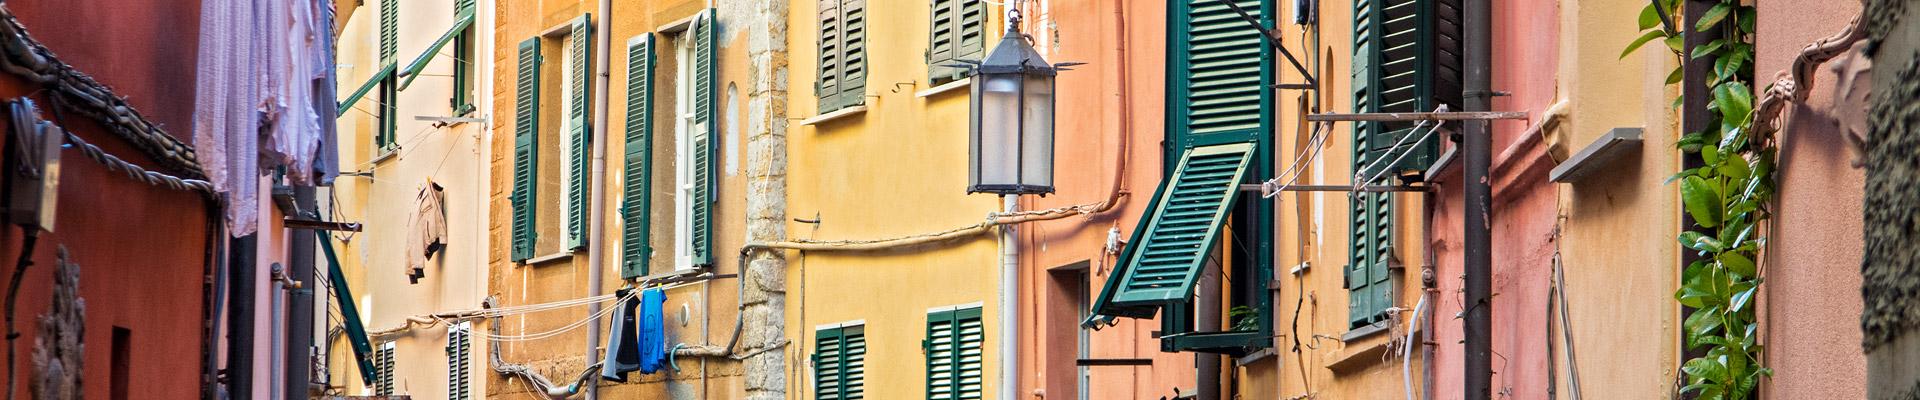 Top image maisons colorés de Portovenere